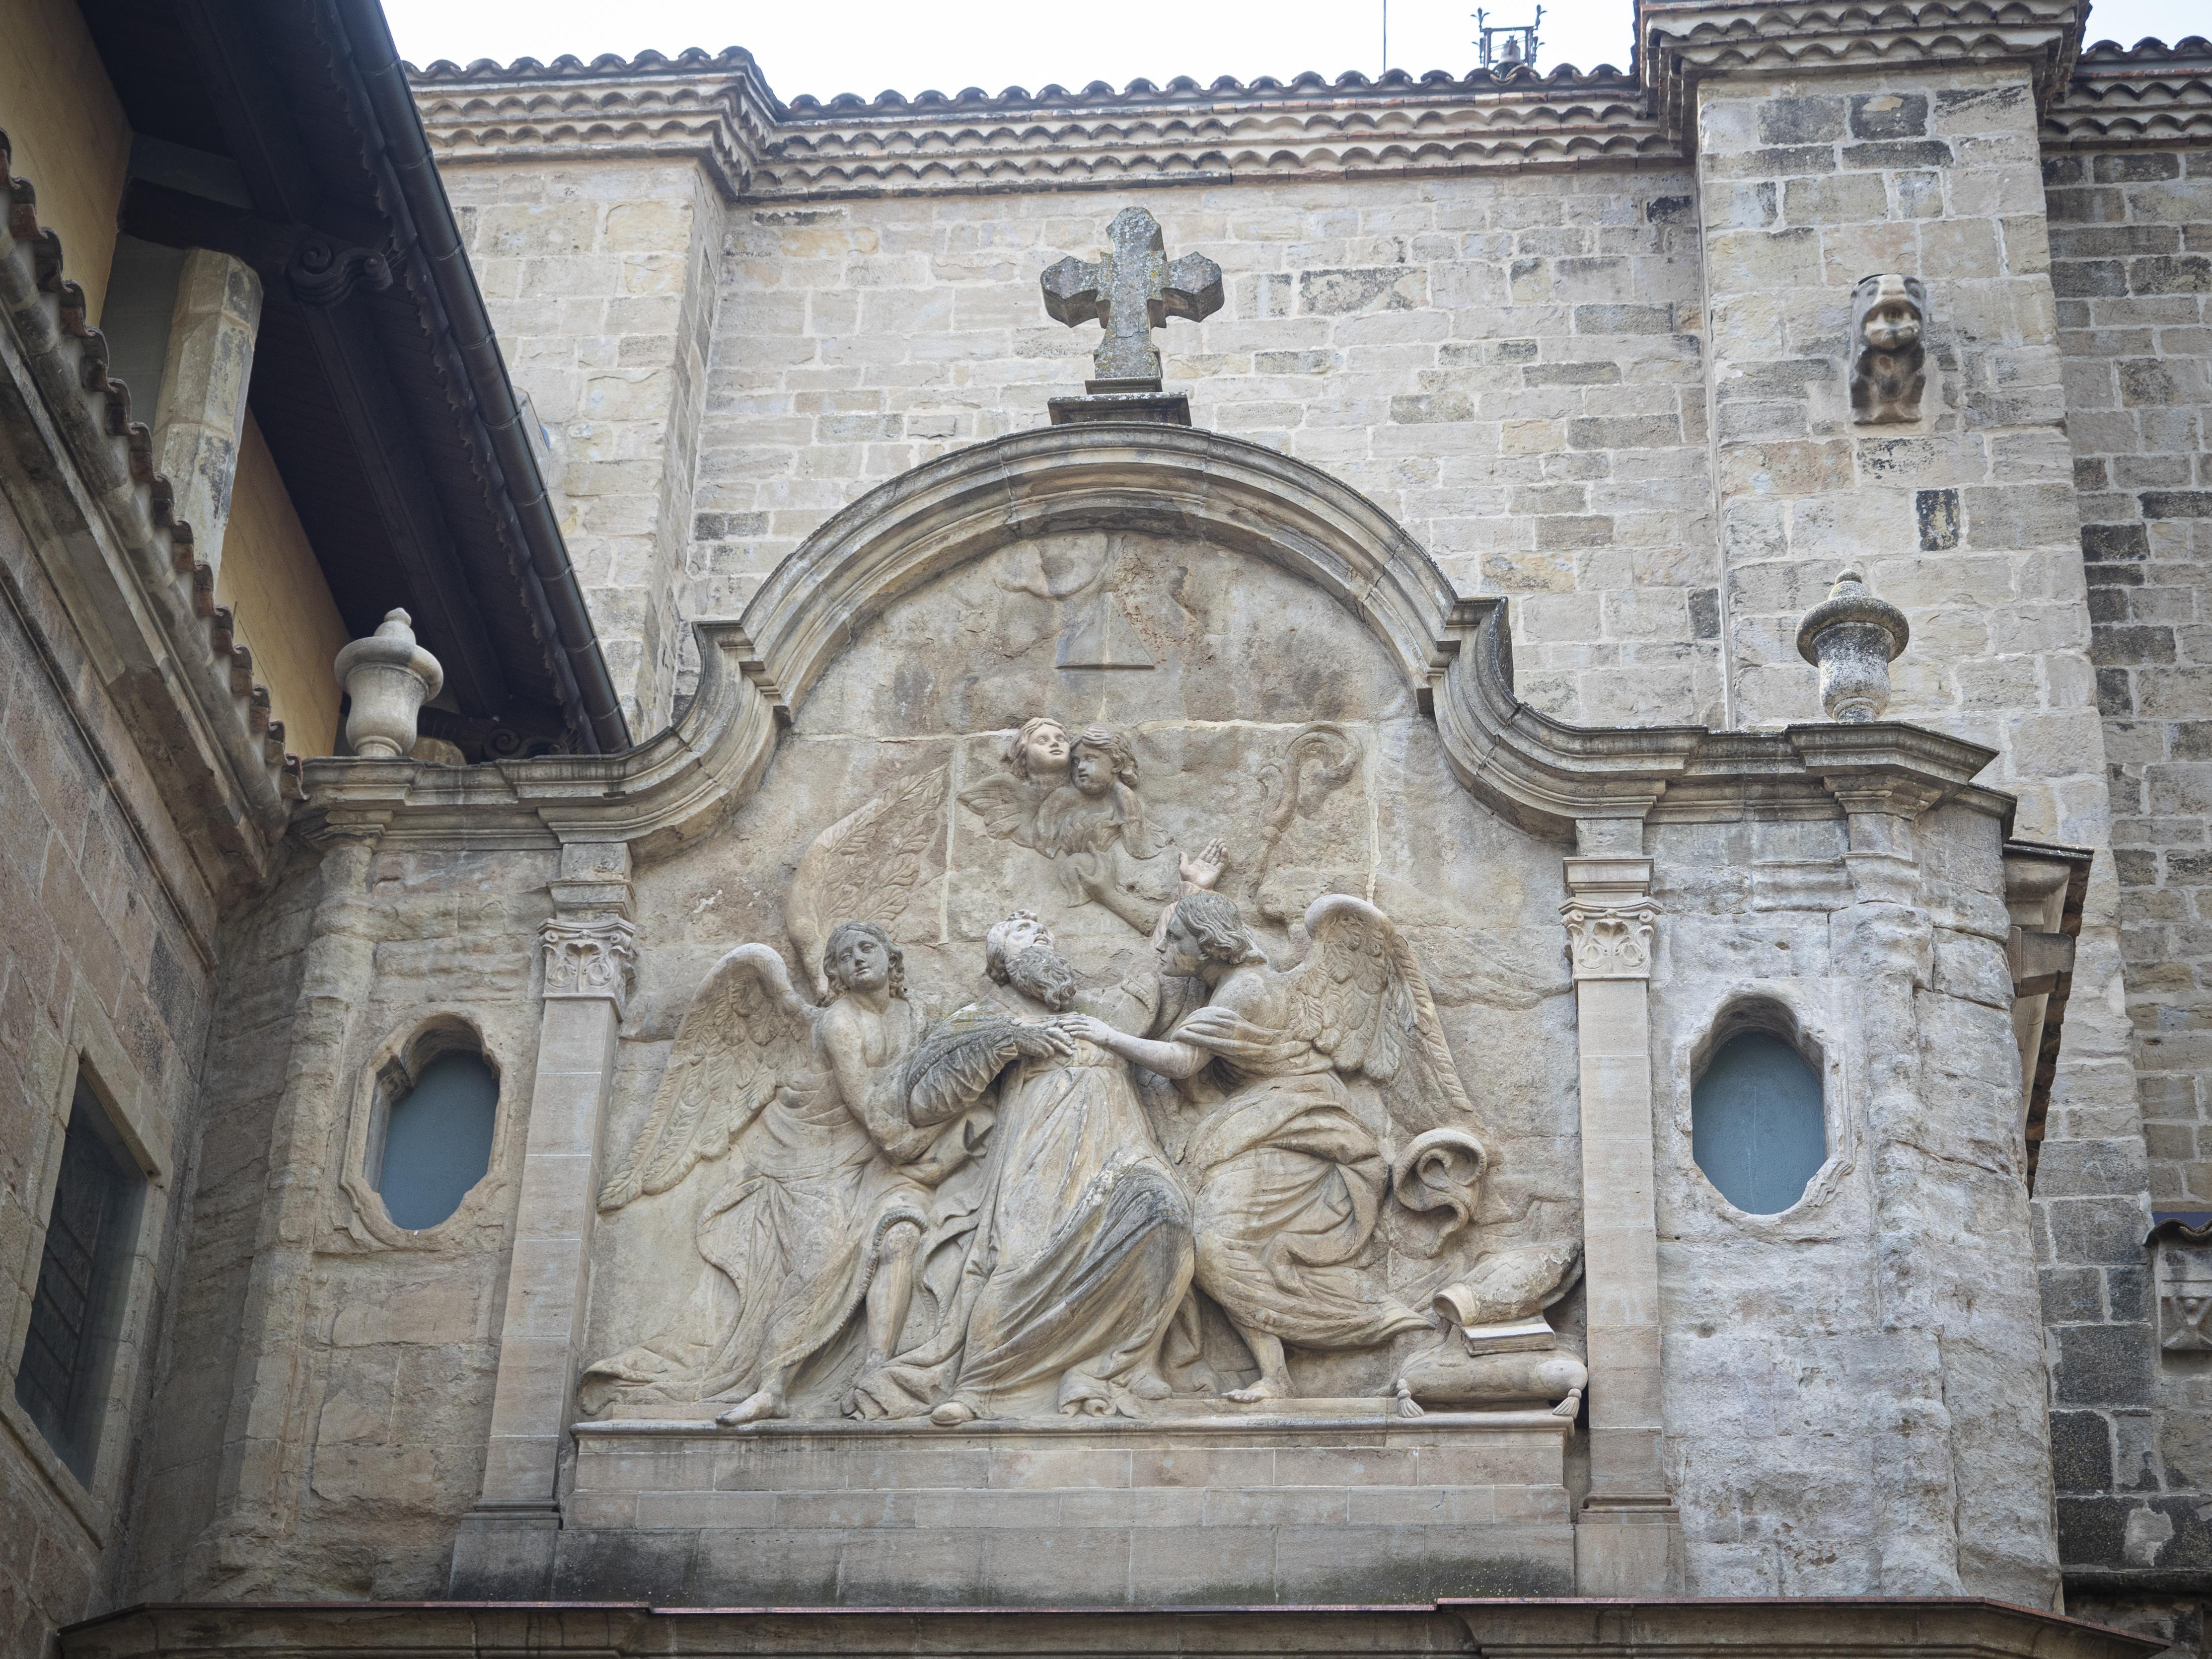 Detall d'una de les façanes de la catedral de Solsona, amb un relleu de Sant Agustí en èxtasi. FOTO: Anna E. Puig